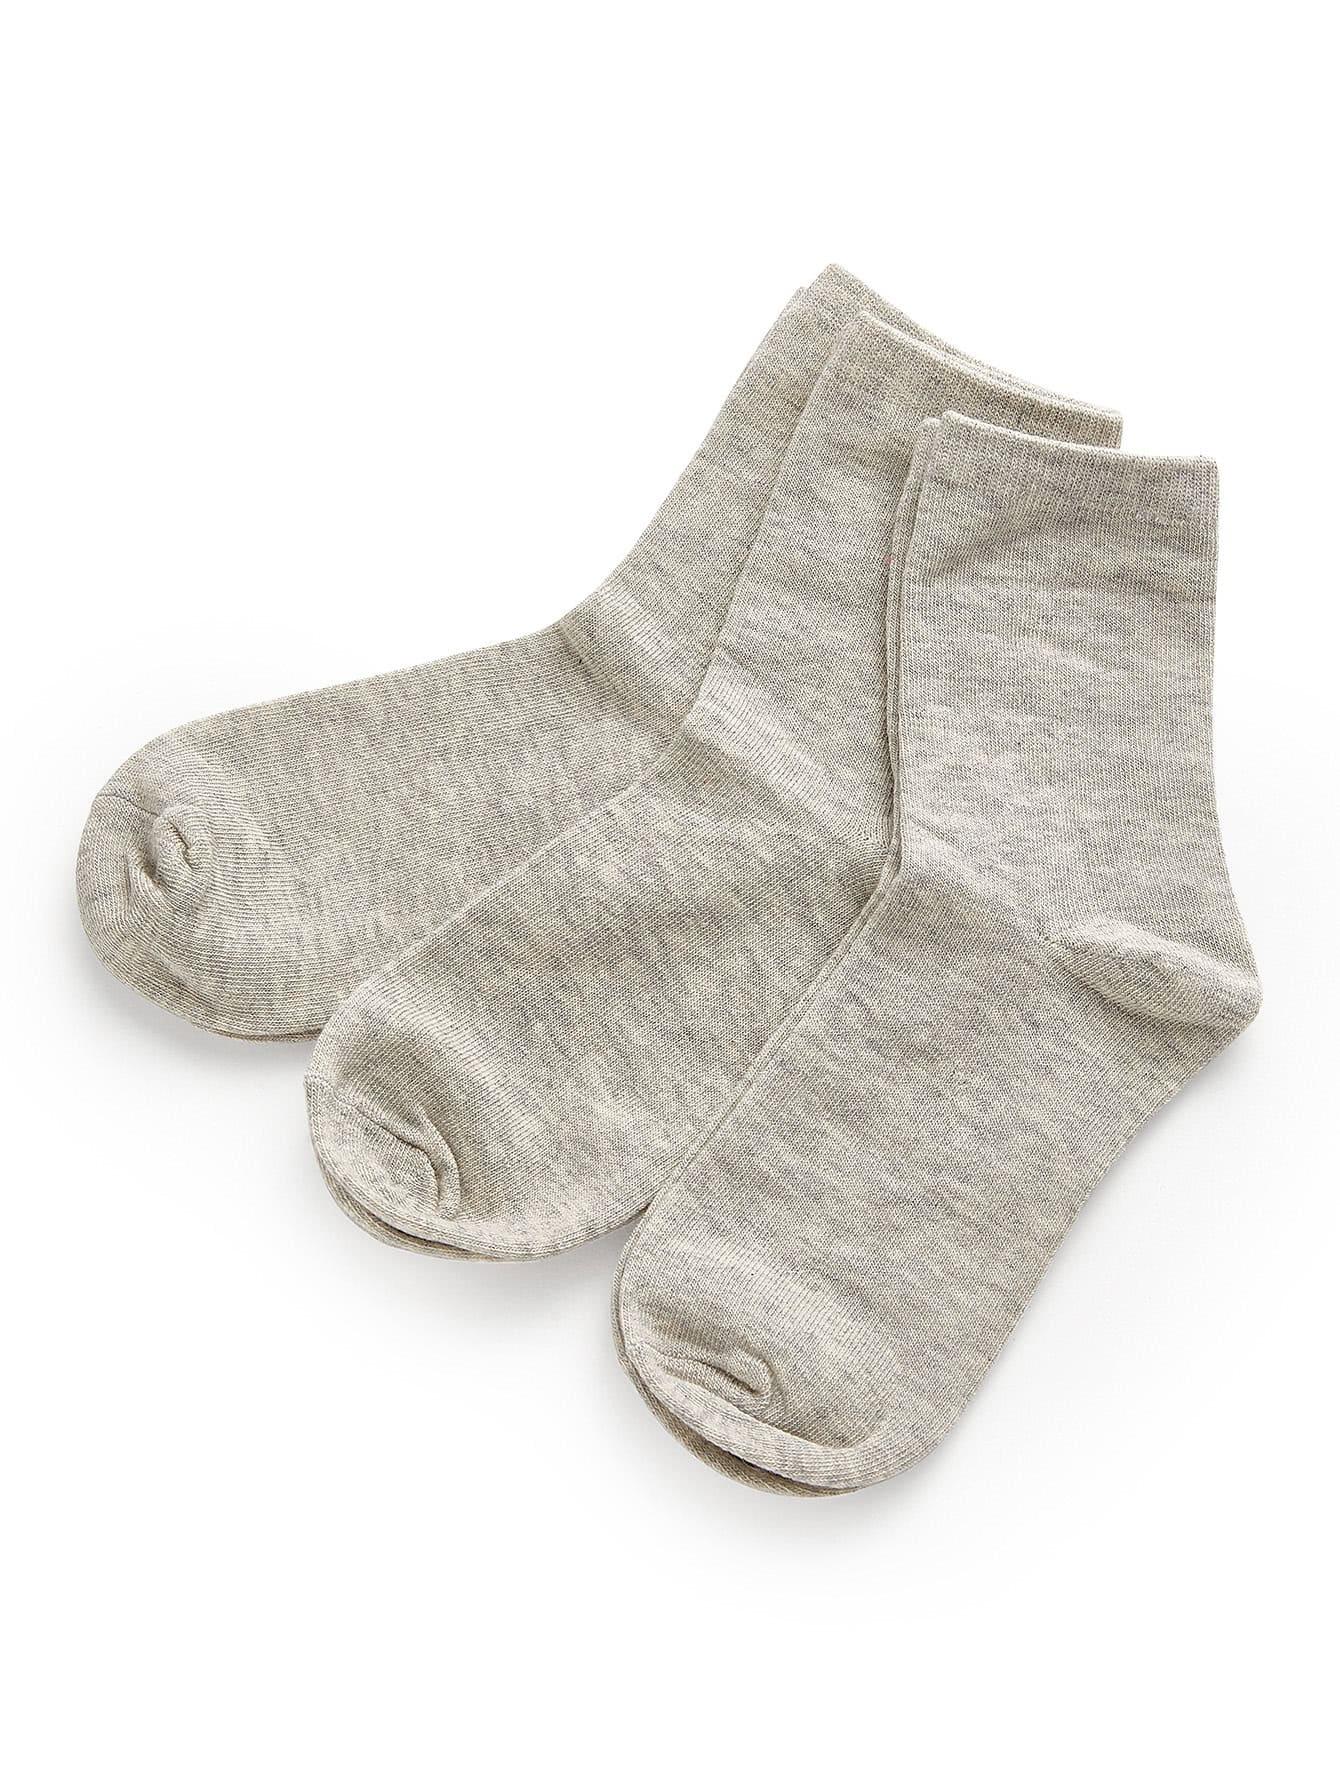 Minimalist Cotton Ankle Socks